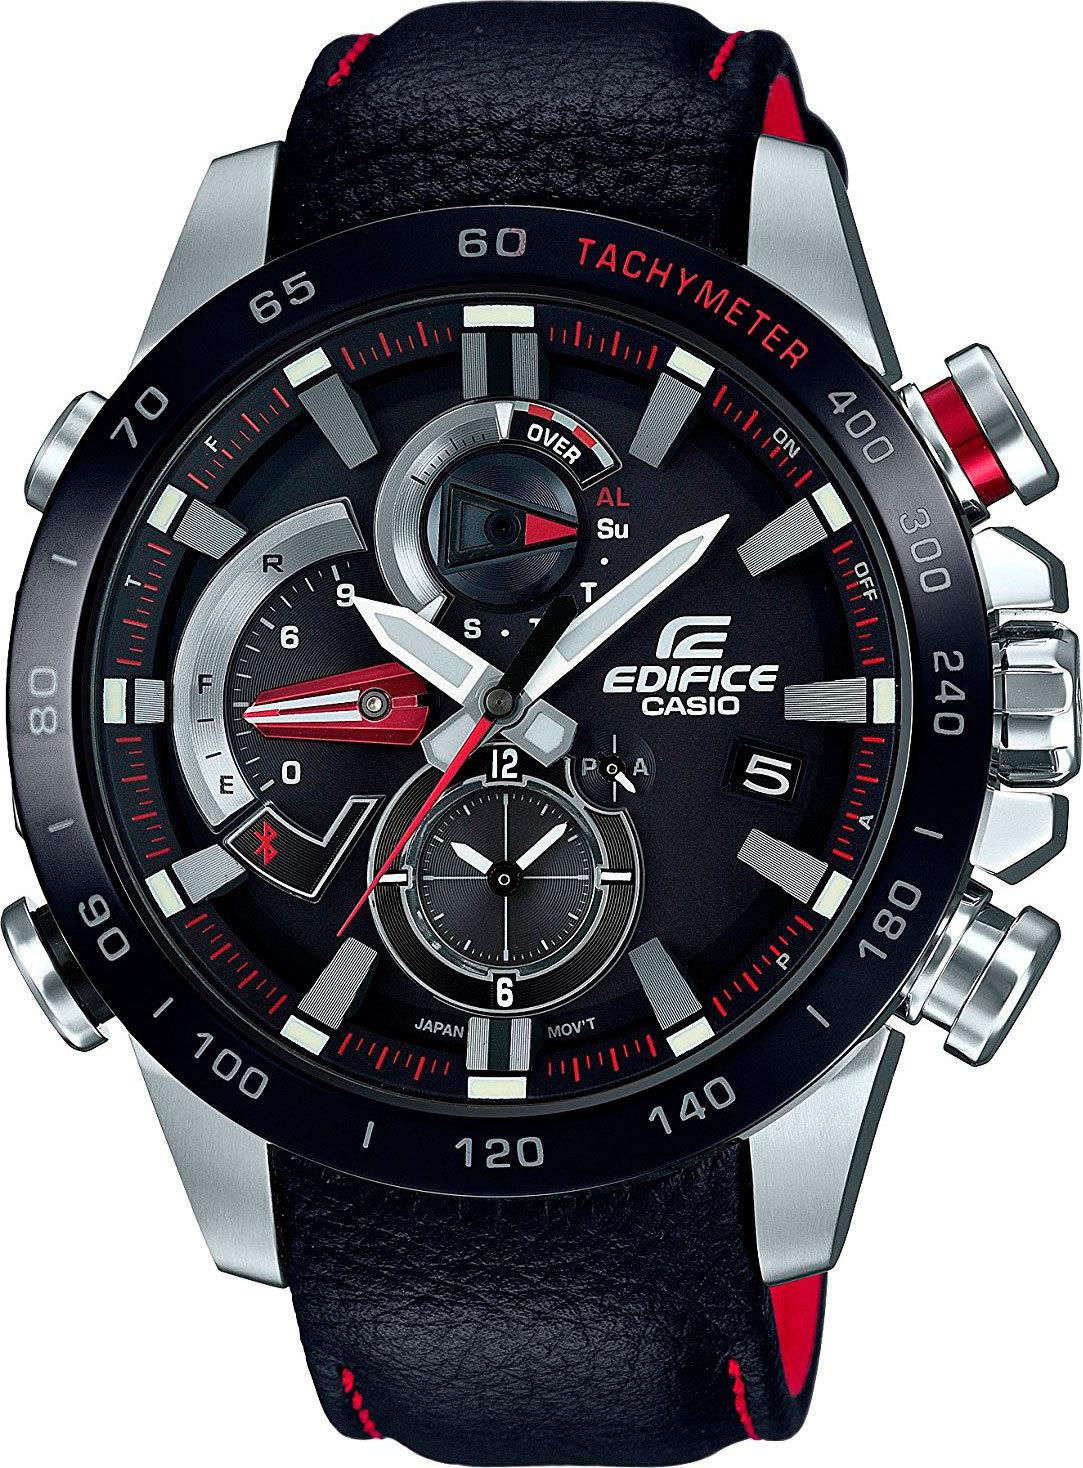 Купить Умные наручные часы Casio Edifice EQB-800BL-1AER по доступной цене  ... 8e92b84d3f0